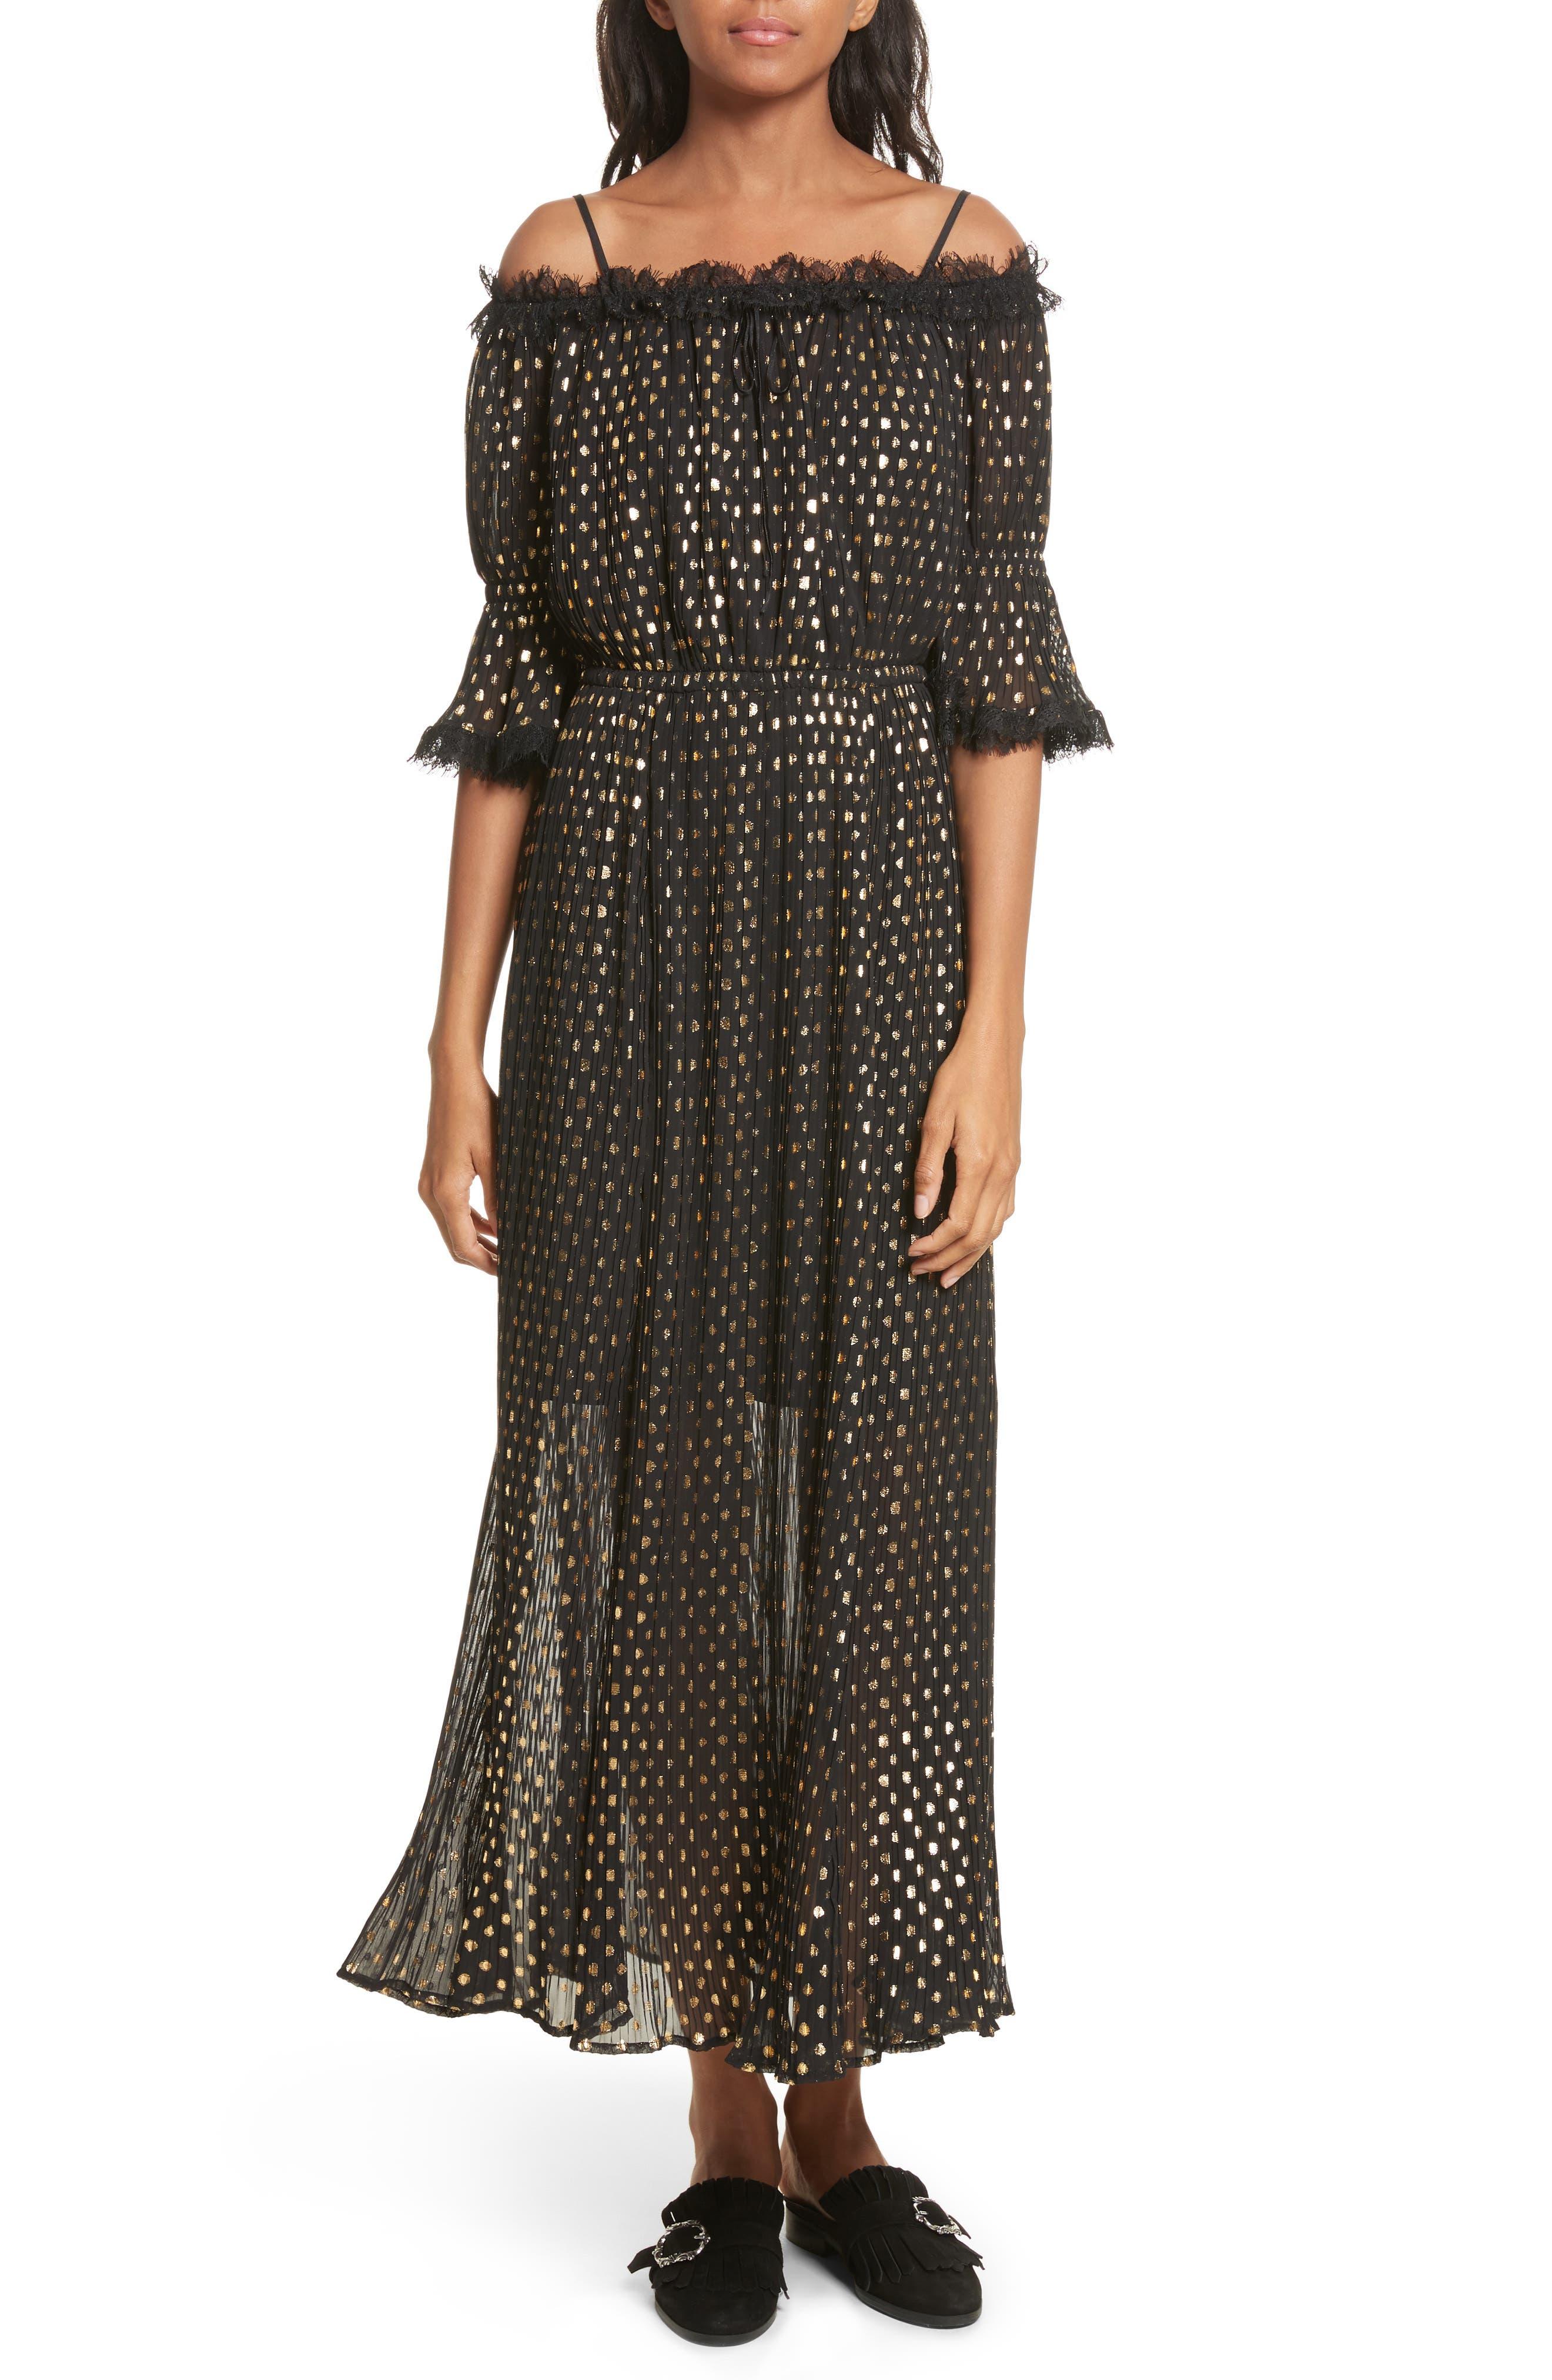 Alternate Image 1 Selected - The Kooples Polka Dot Off the Shoulder Maxi Dress